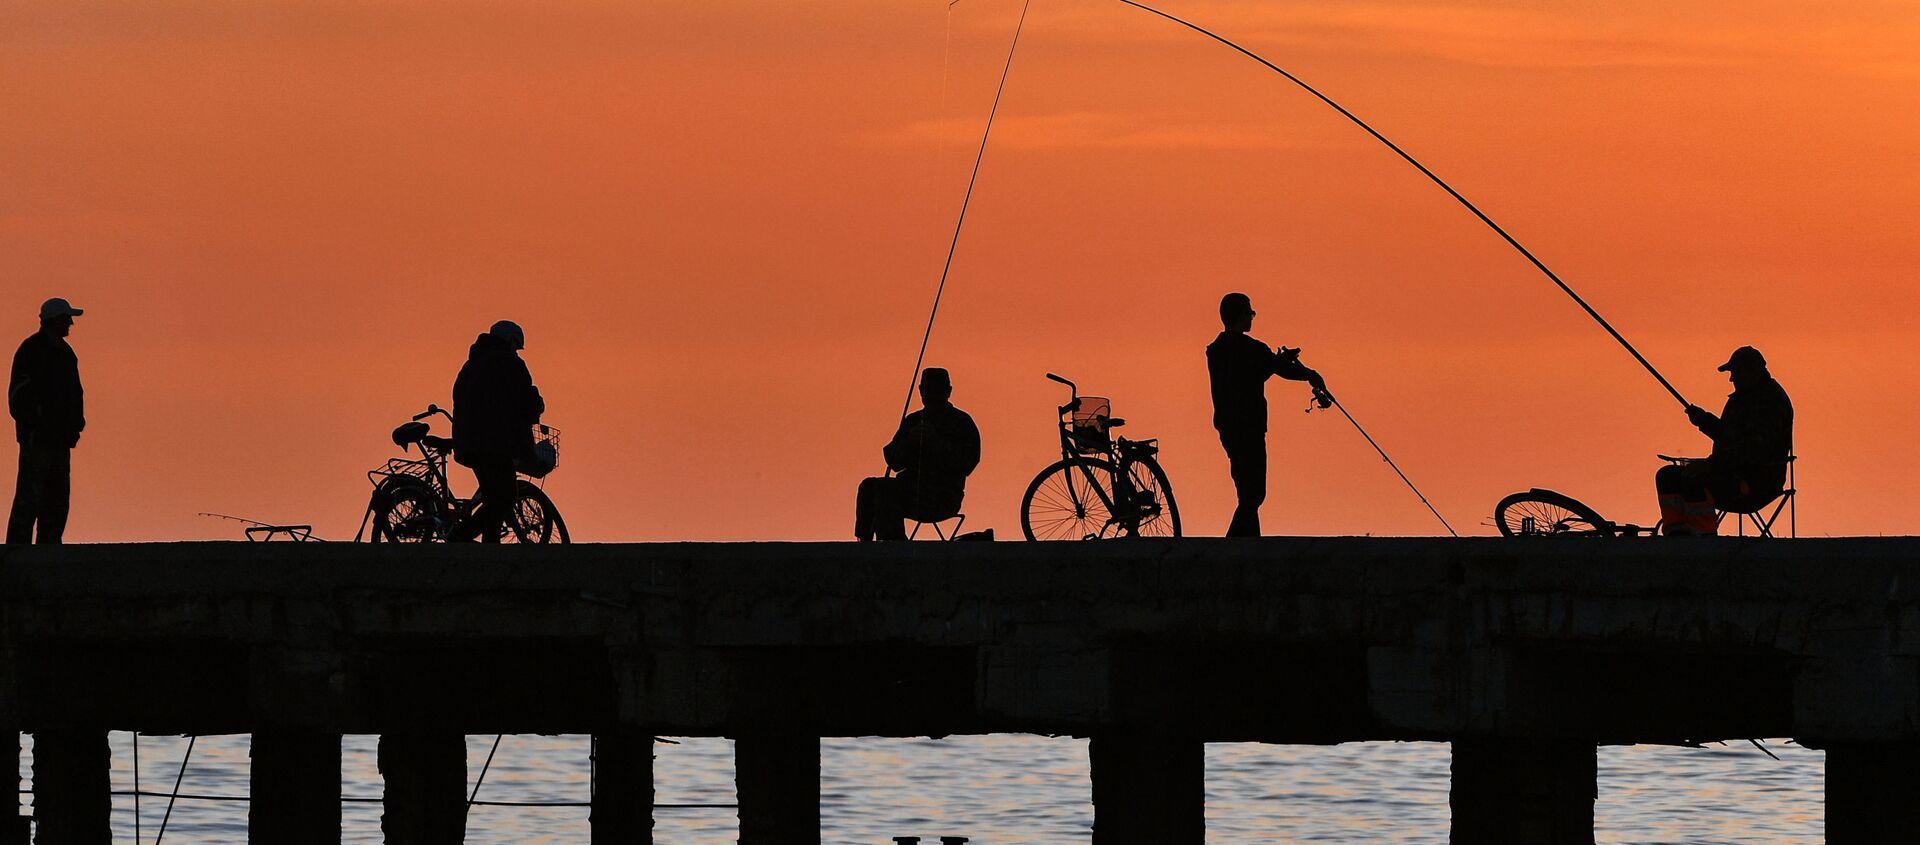 Rybacy na nabrzeżu w miejscowości wypoczynkowej Nowofedorowka na Krymie - Sputnik Polska, 1920, 01.06.2021